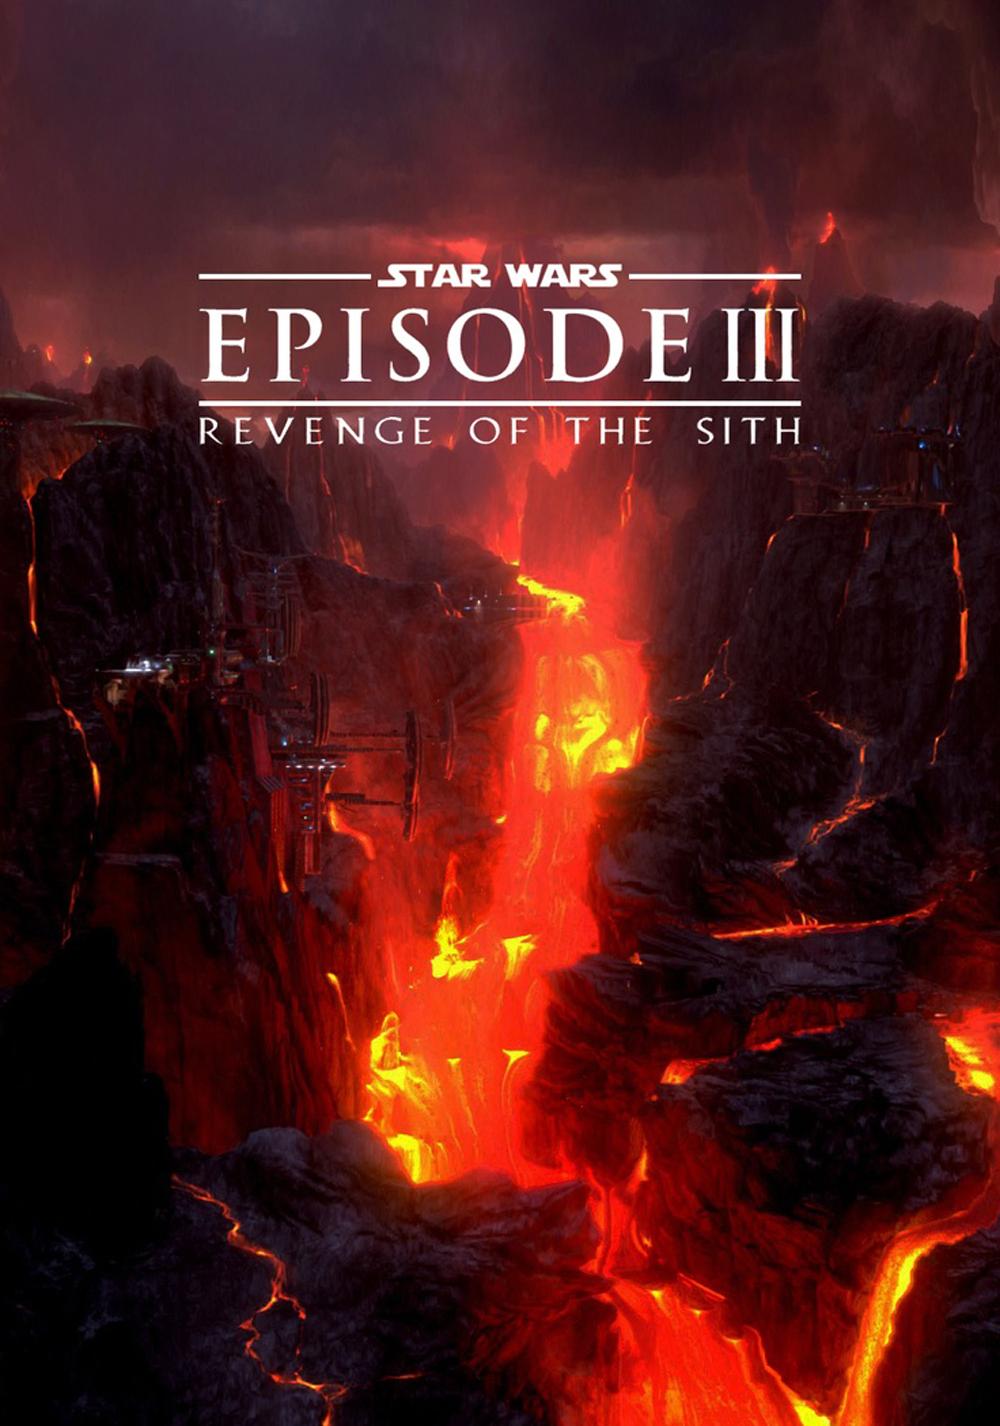 Star Wars: Episode III - Revenge of the Sith | Movie fanart | fanart ...